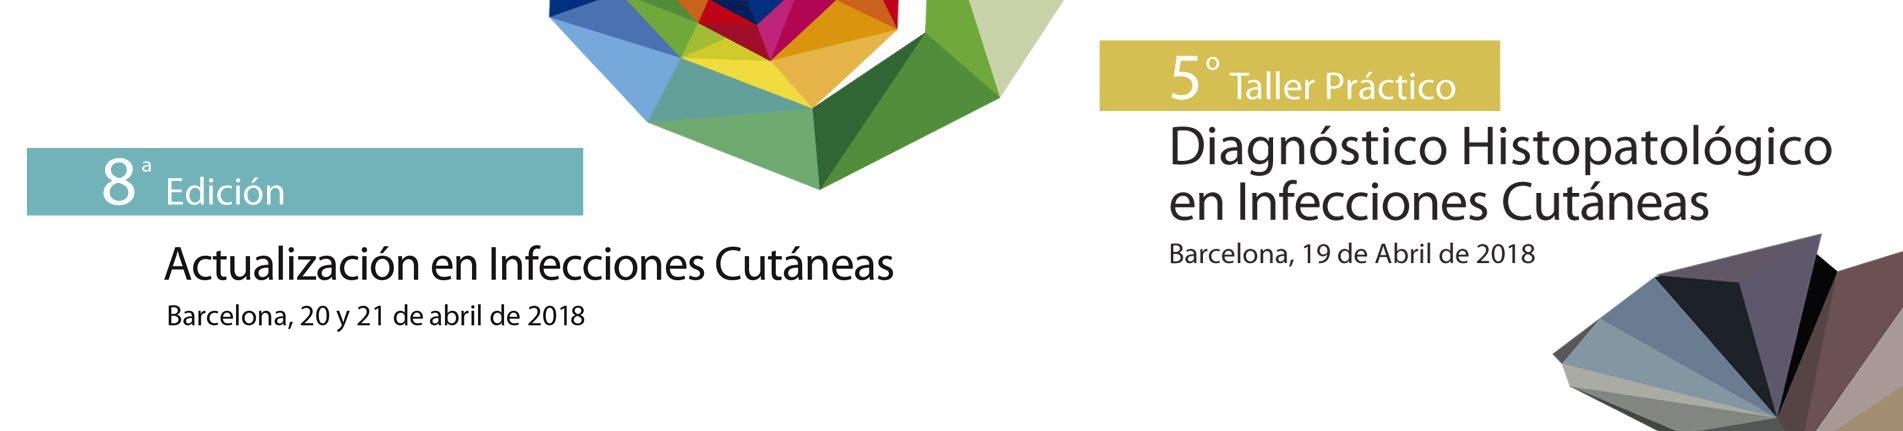 Actualización en Infecciones Cutáneas y Dermatología Tropical | 8ª Edición